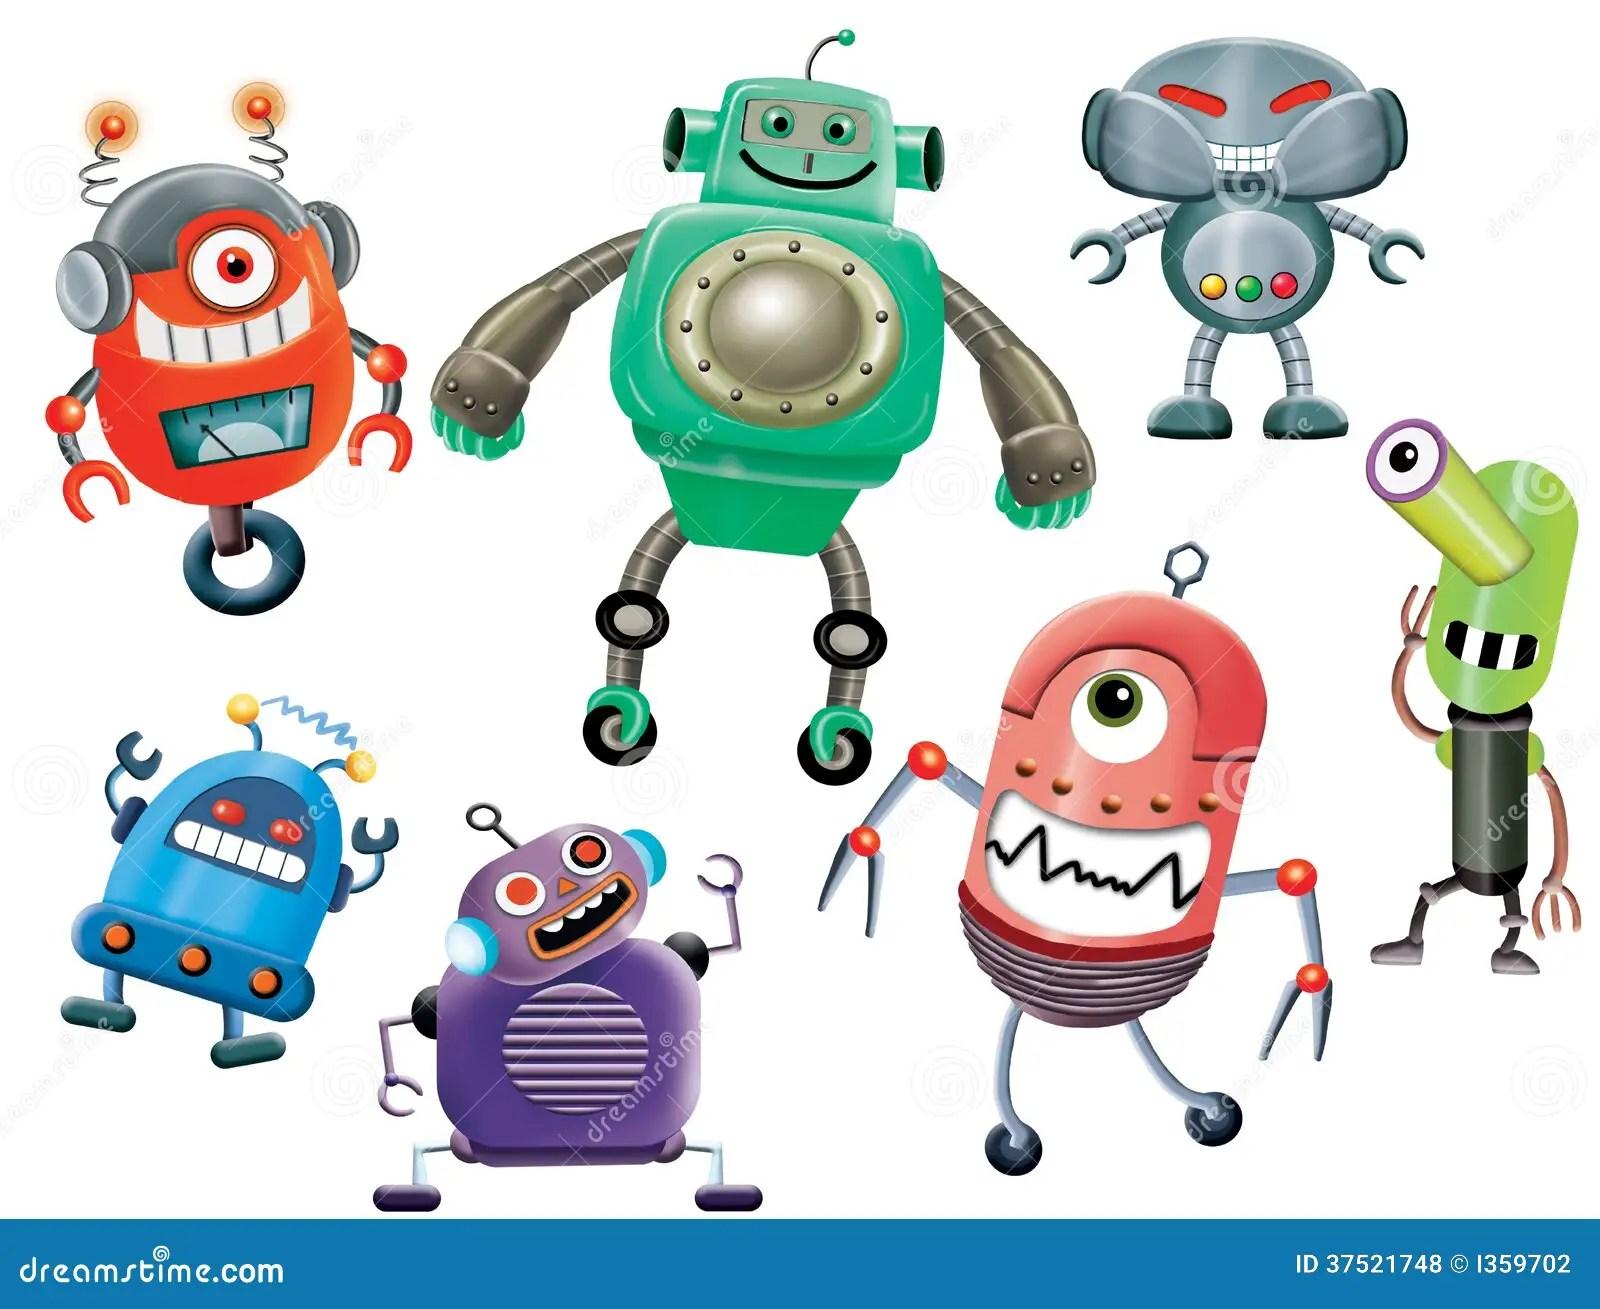 robot cartoons stock illustration